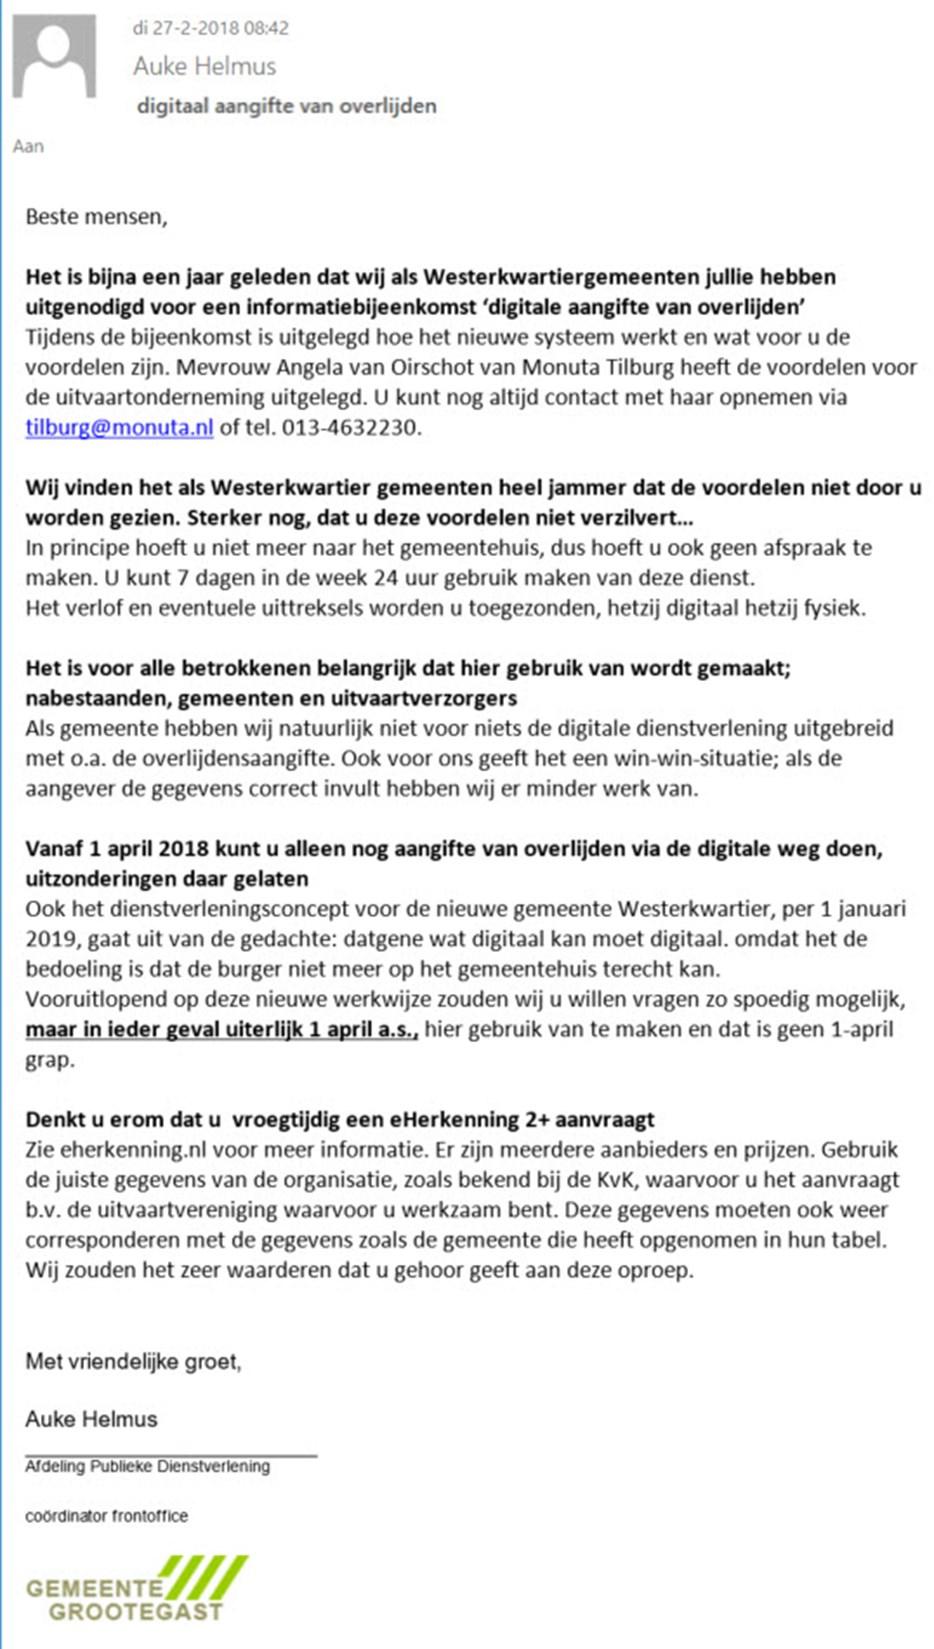 Westerkwartier-uitvaartverzorgers.jpg